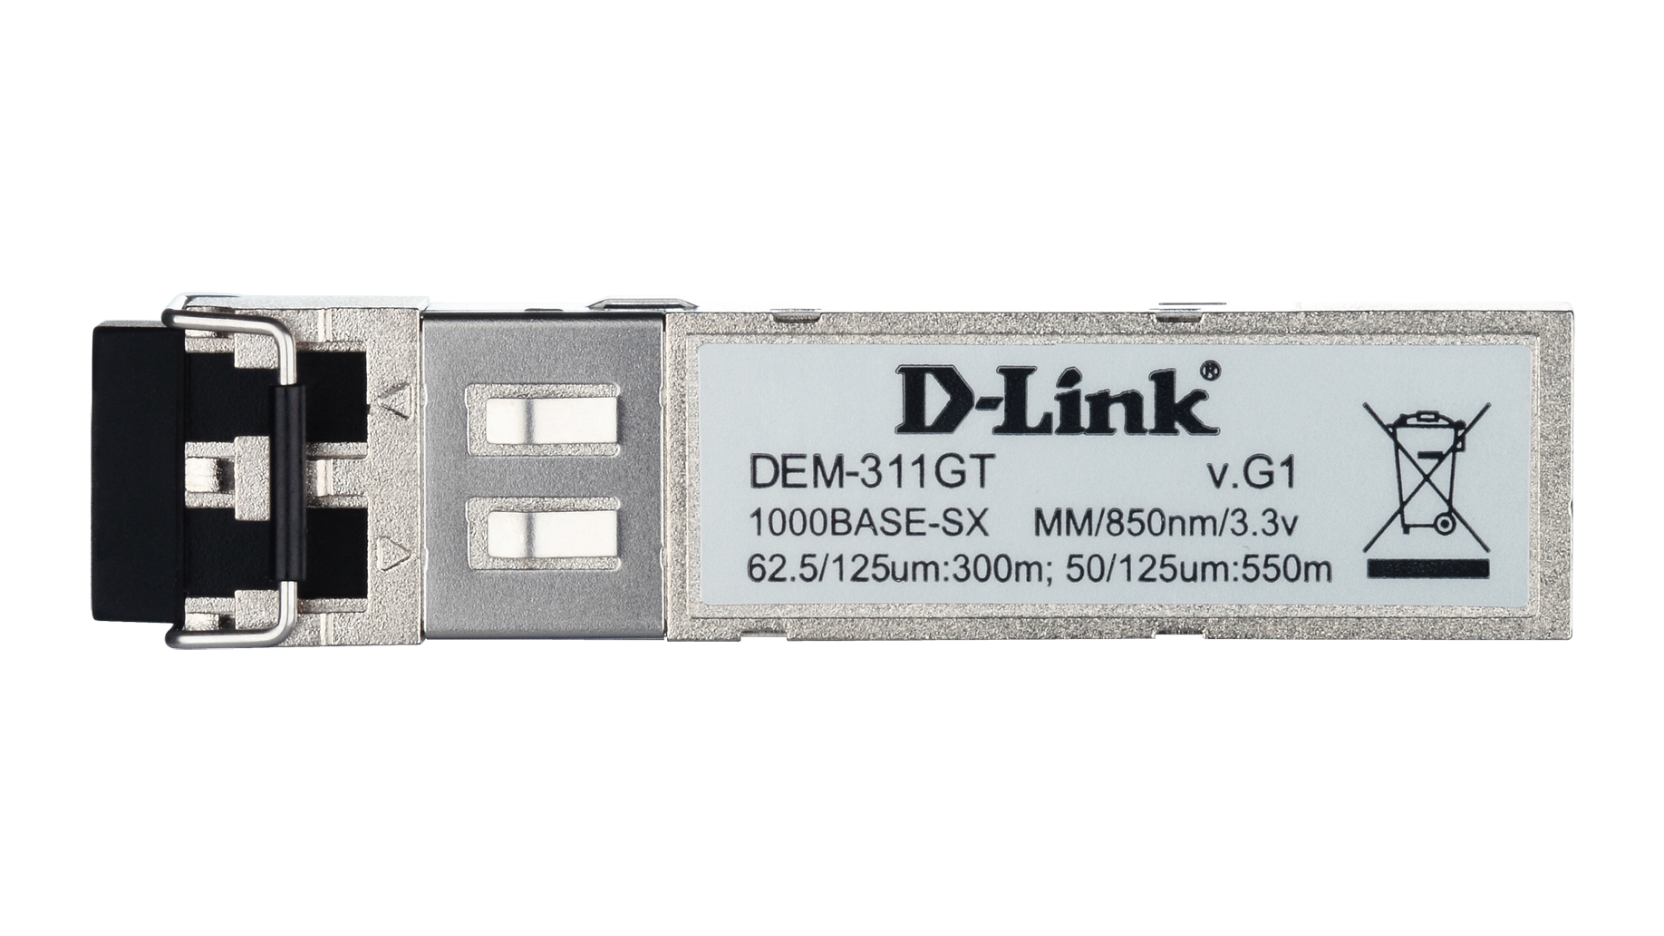 Image result for d-link dem-311gt